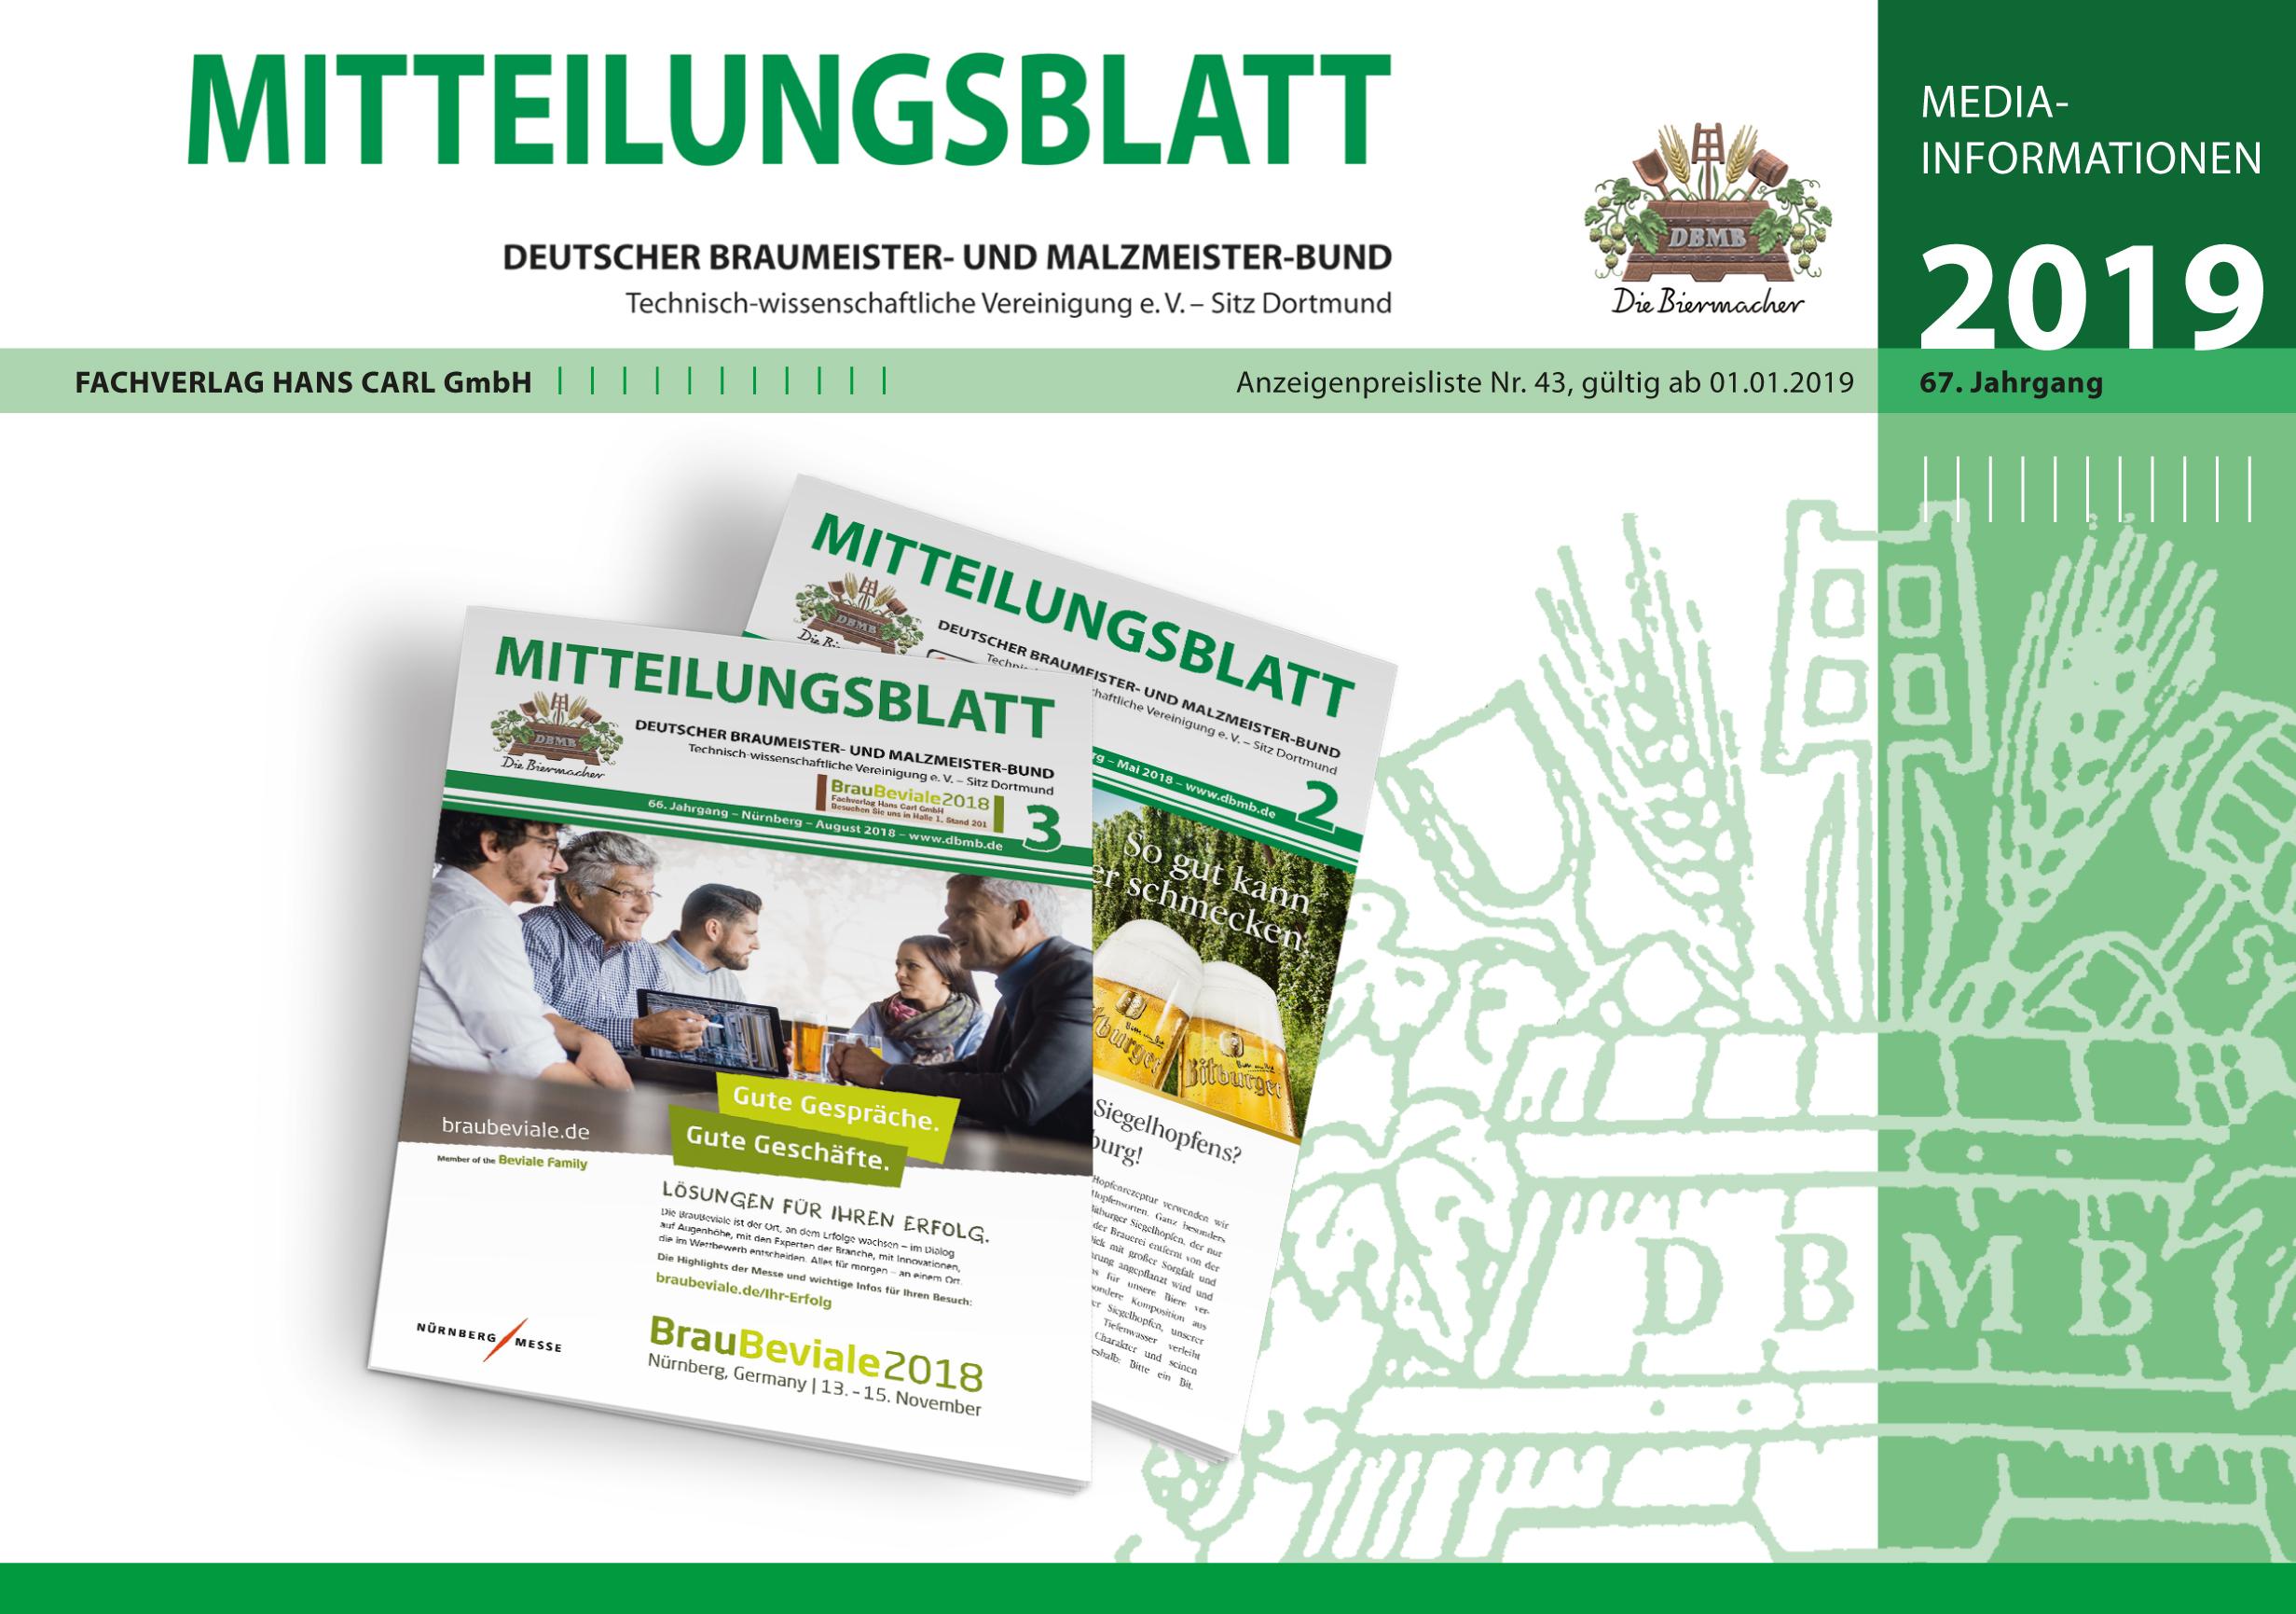 Mediadaten Mitteilungsblatt Deutscher Braumeister- und Malzmeister-Bund